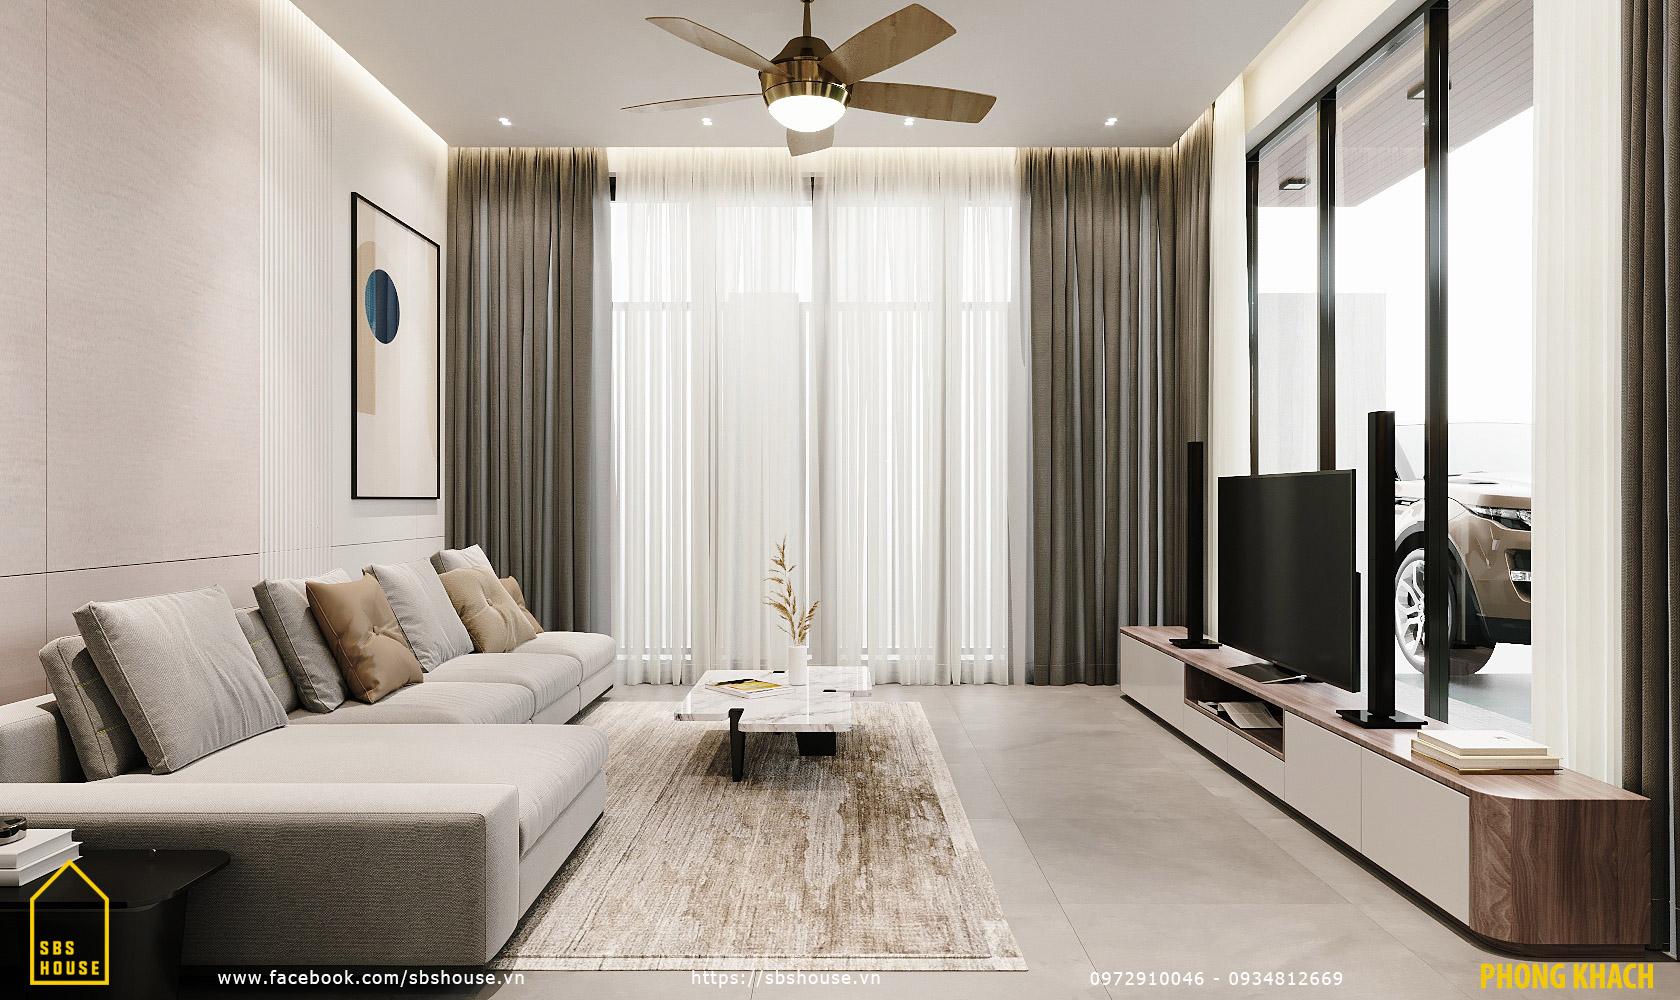 Mẫu phòng khách đẹp đầy tinh tế